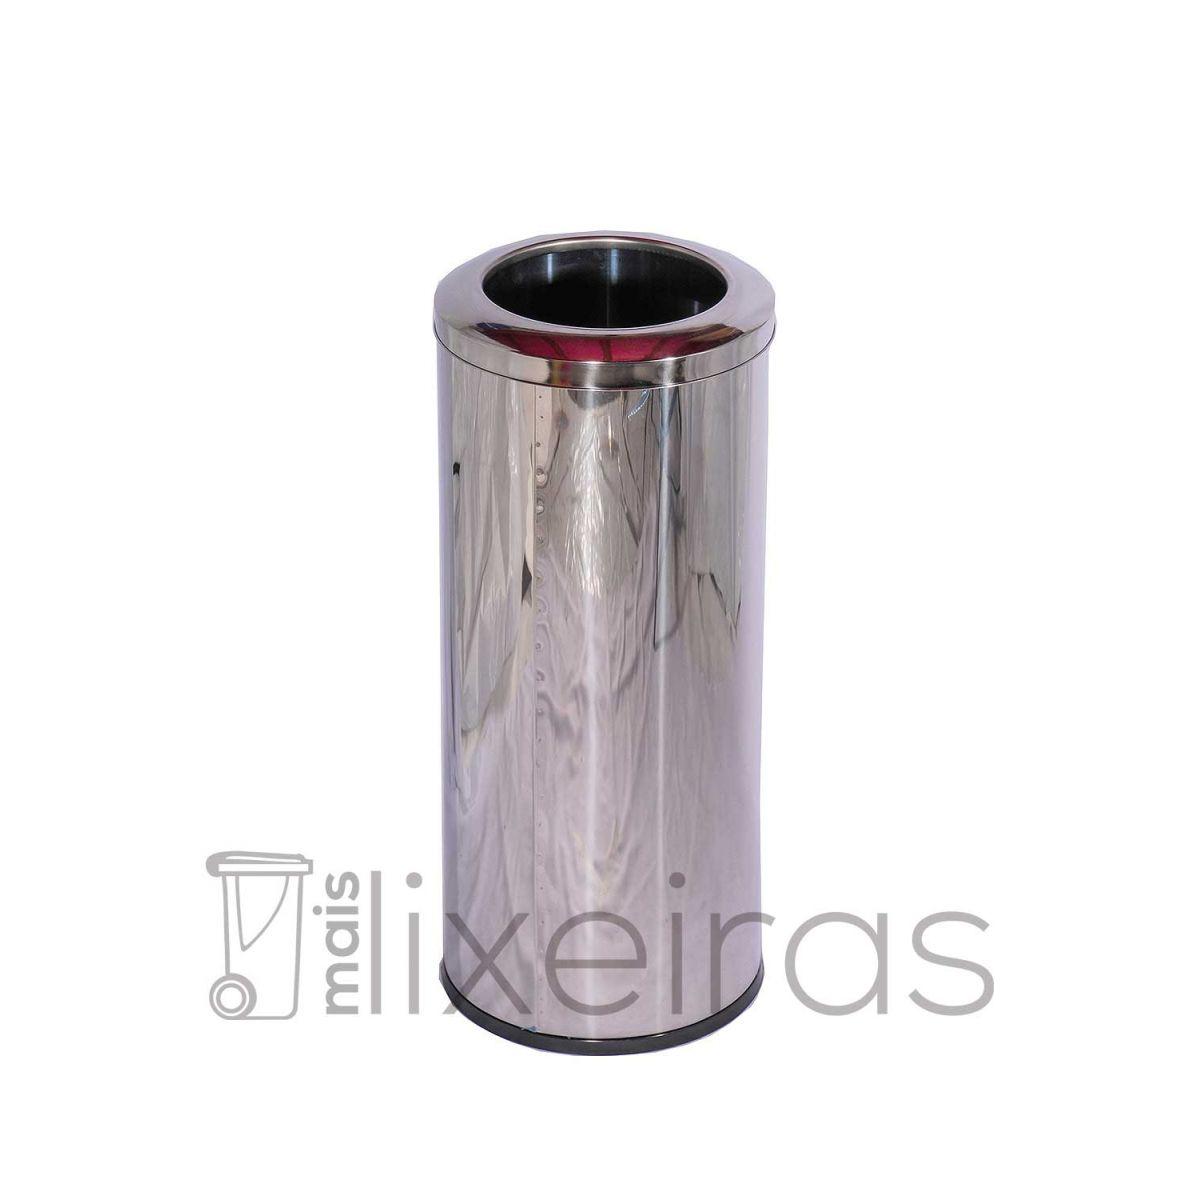 Lixeira Inox 50 litros com aro superior em aço Inox